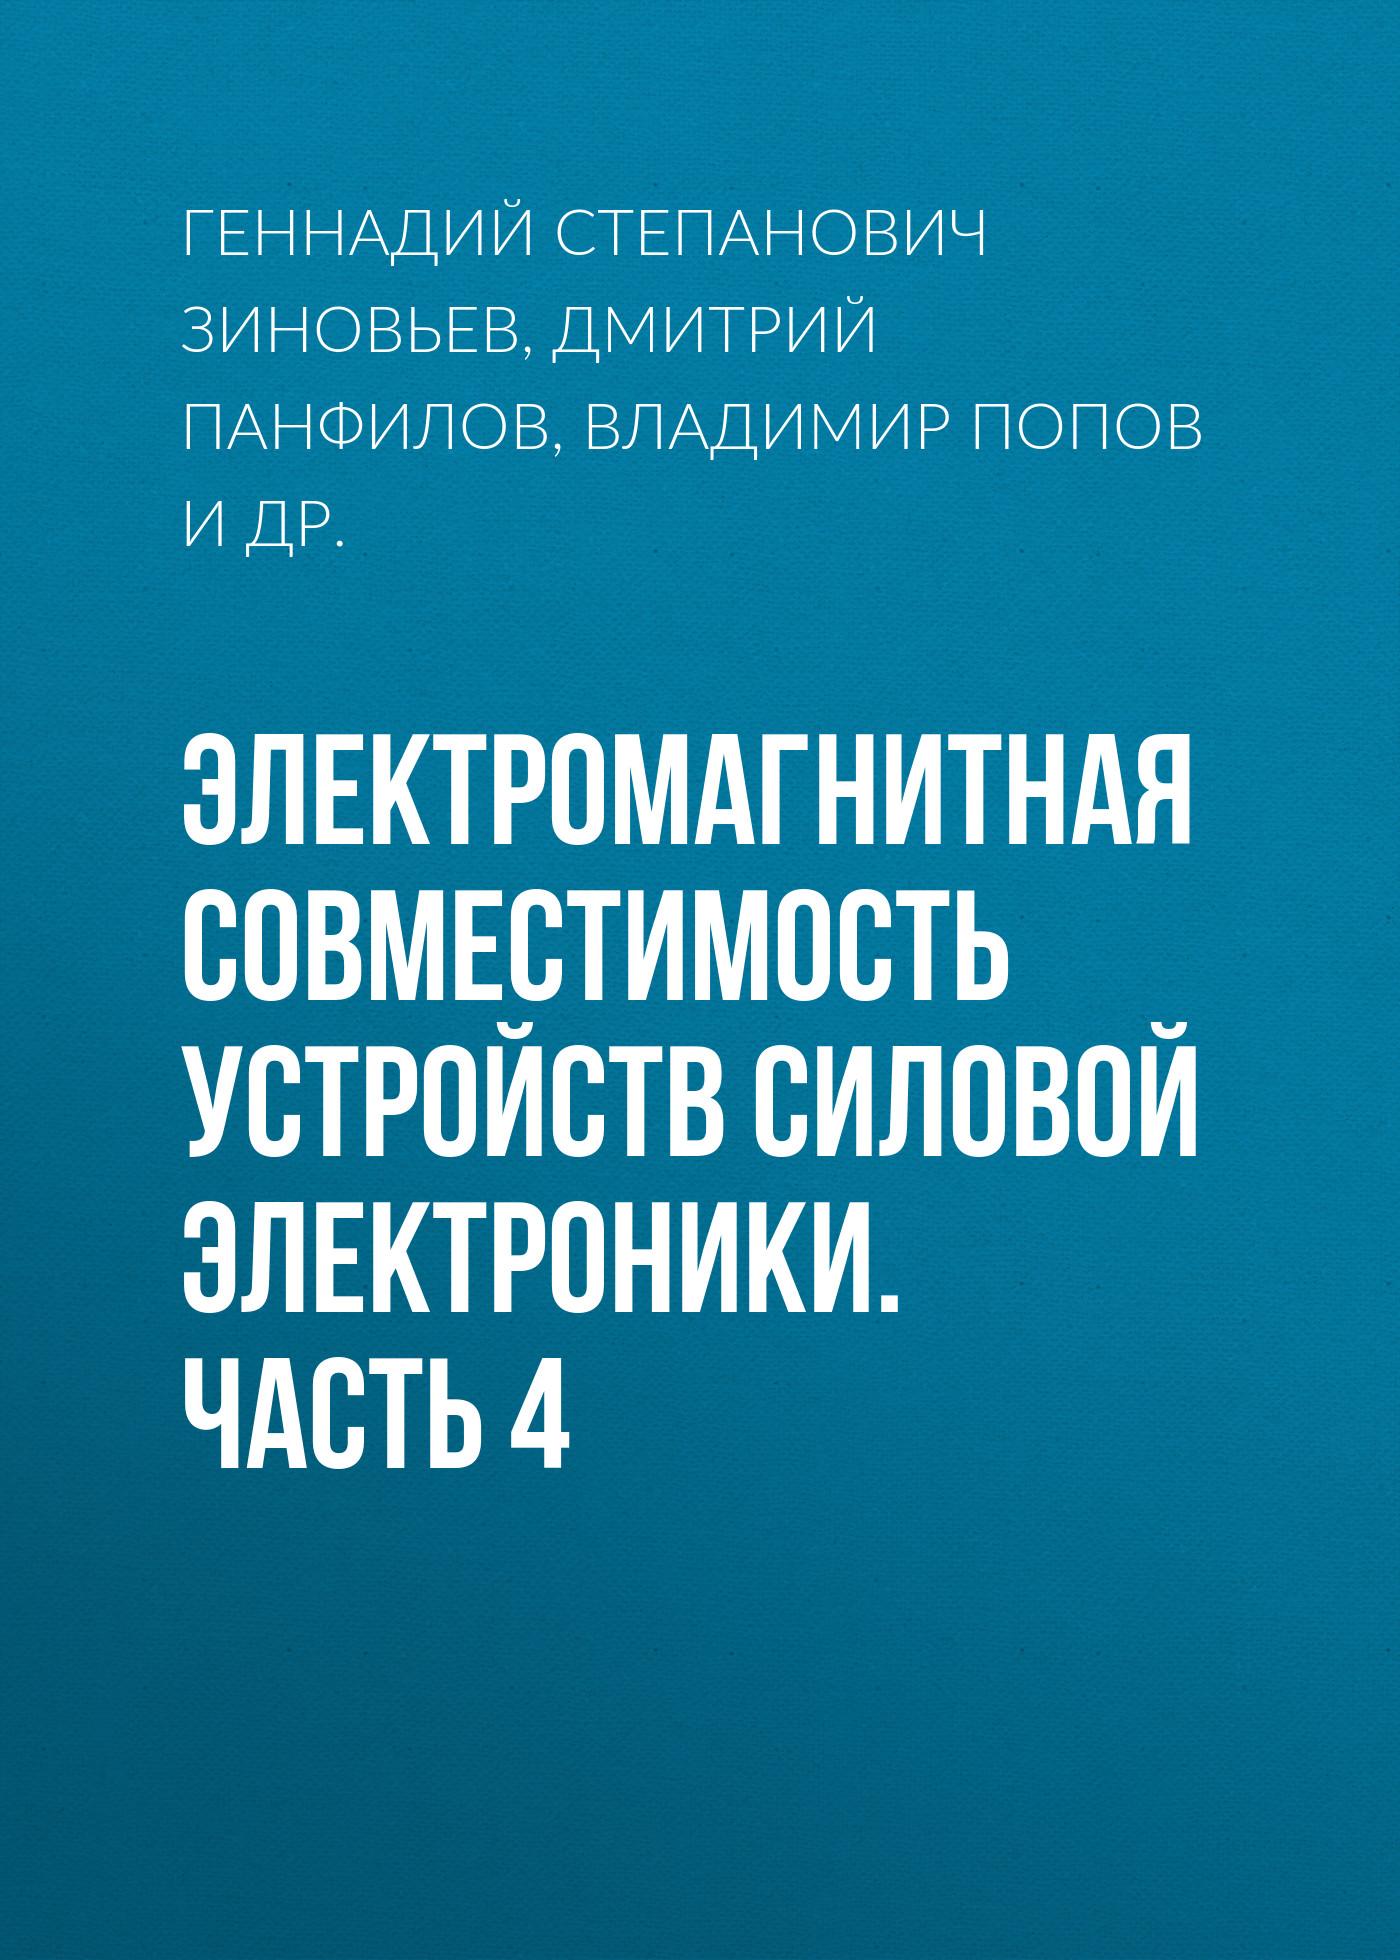 Г. С. Зиновьев Электромагнитная совместимость устройств силовой электроники. Часть 4 теория архитектурных форм каменные формы в трех частях с атласом в одной книге